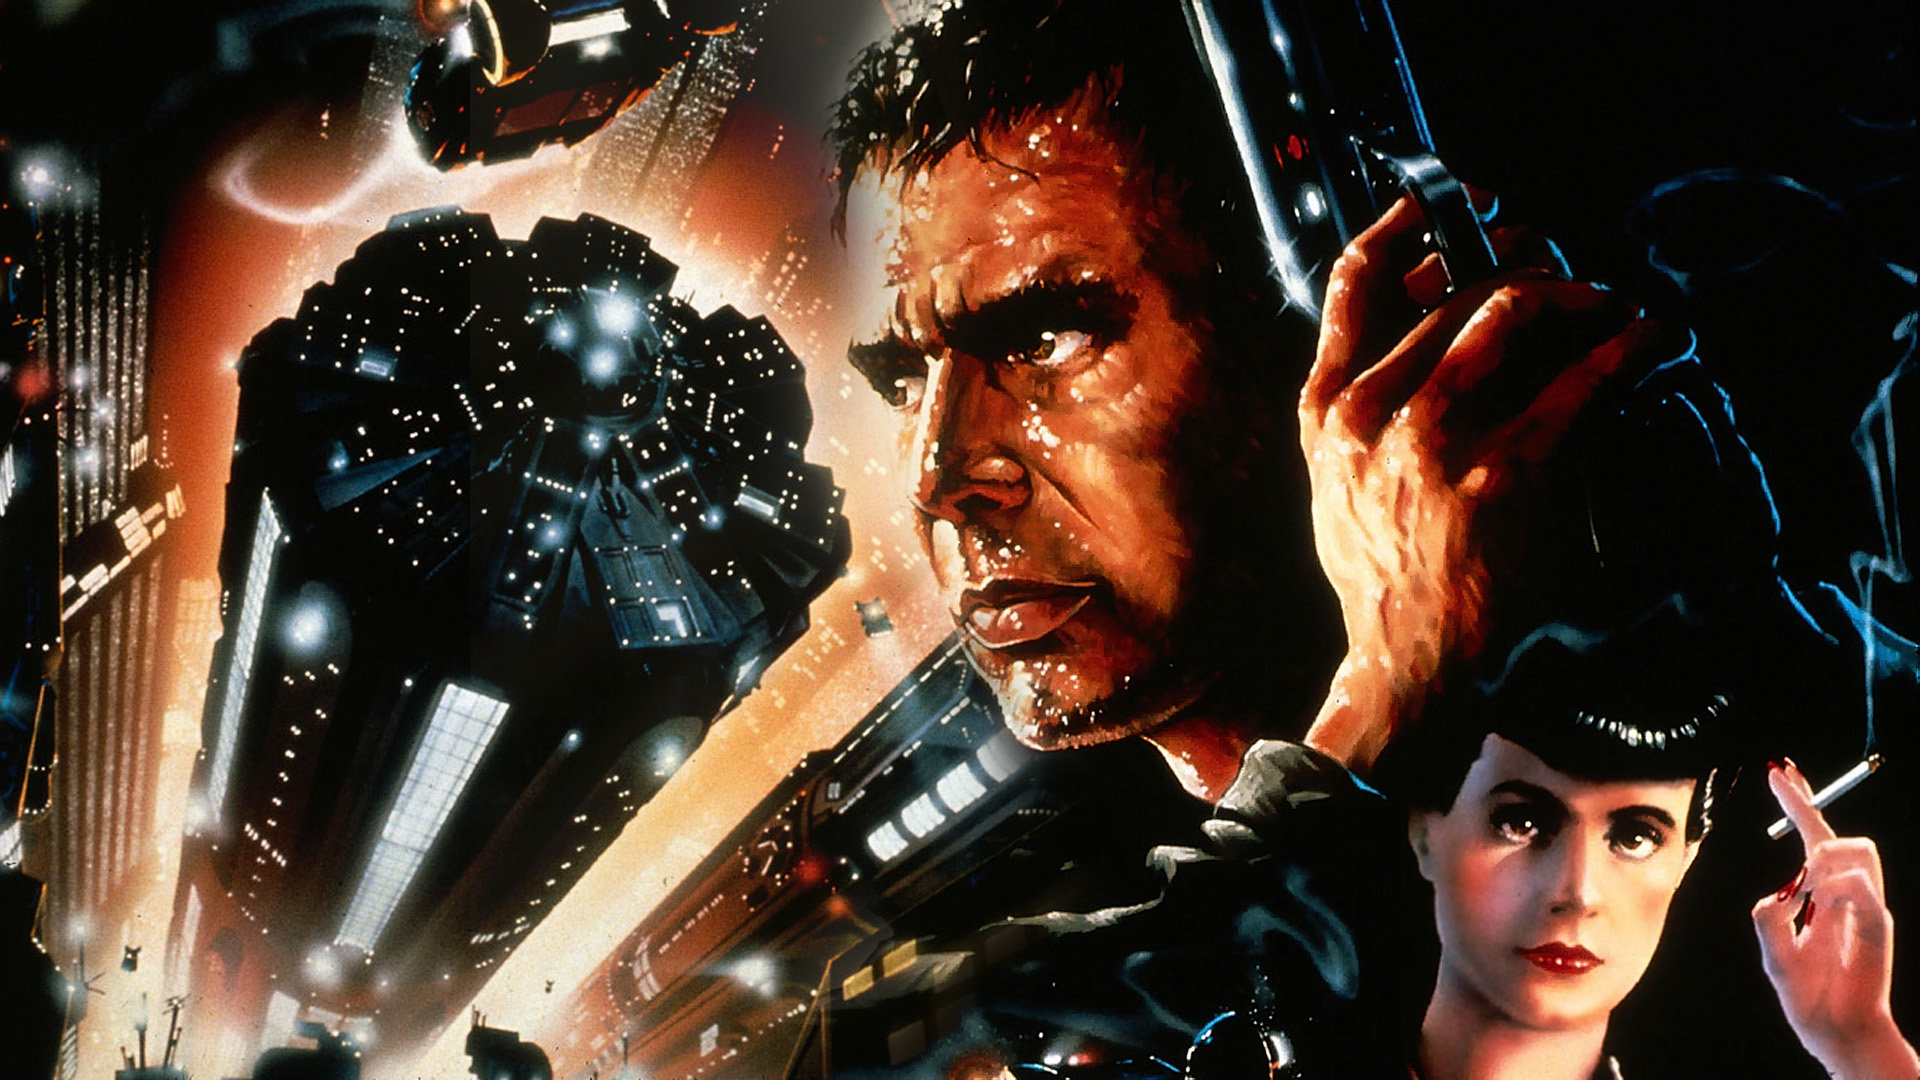 """Blade Runner đã """"nuôi dưỡng"""" hàng thập kỷ nền điện ảnh Hollywood như thế nào? - Ảnh 1."""